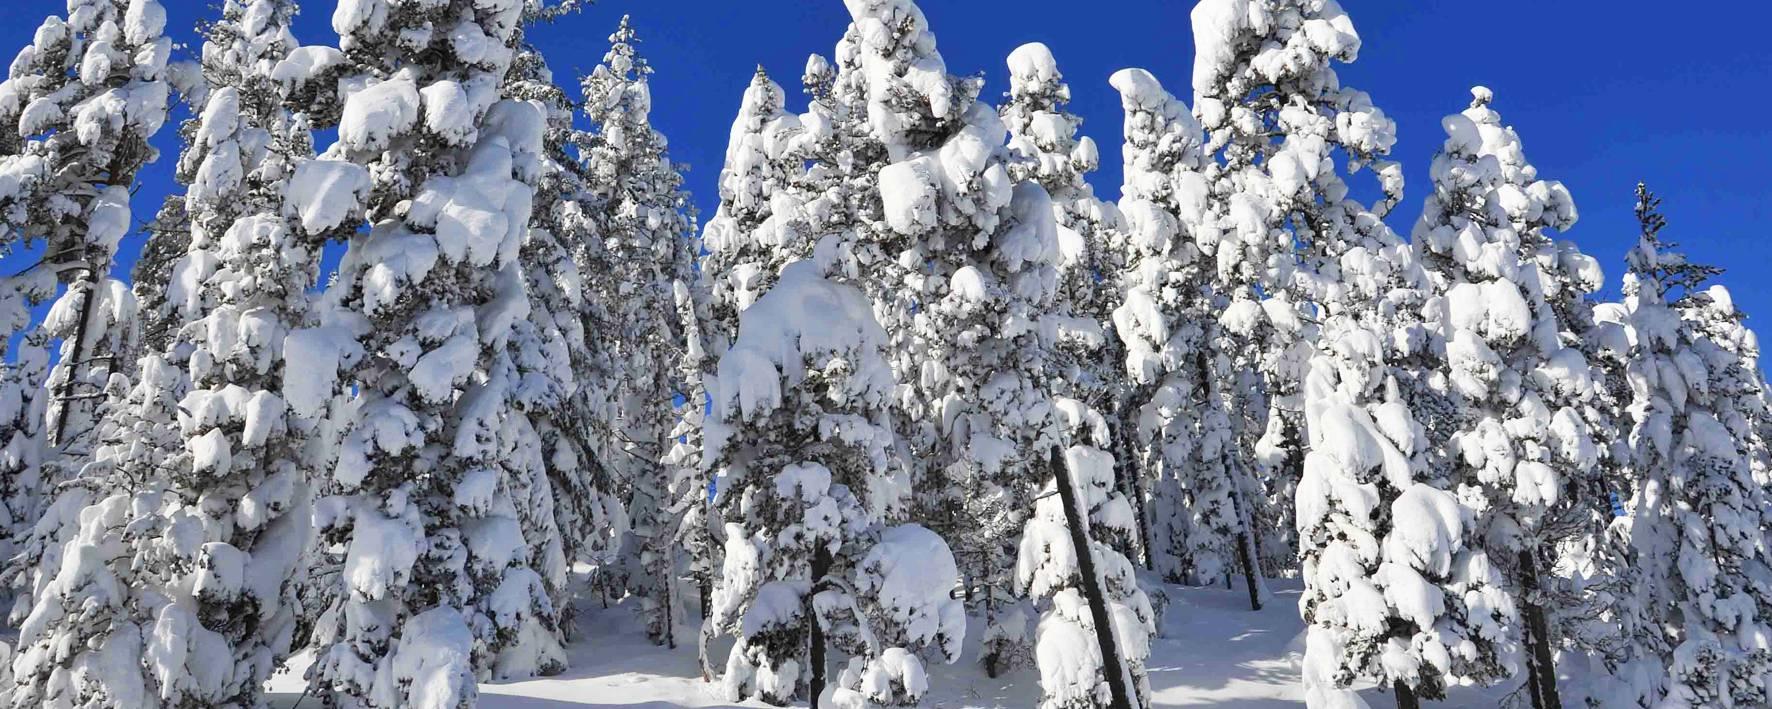 Sneeuwlandschap © F. Berlic